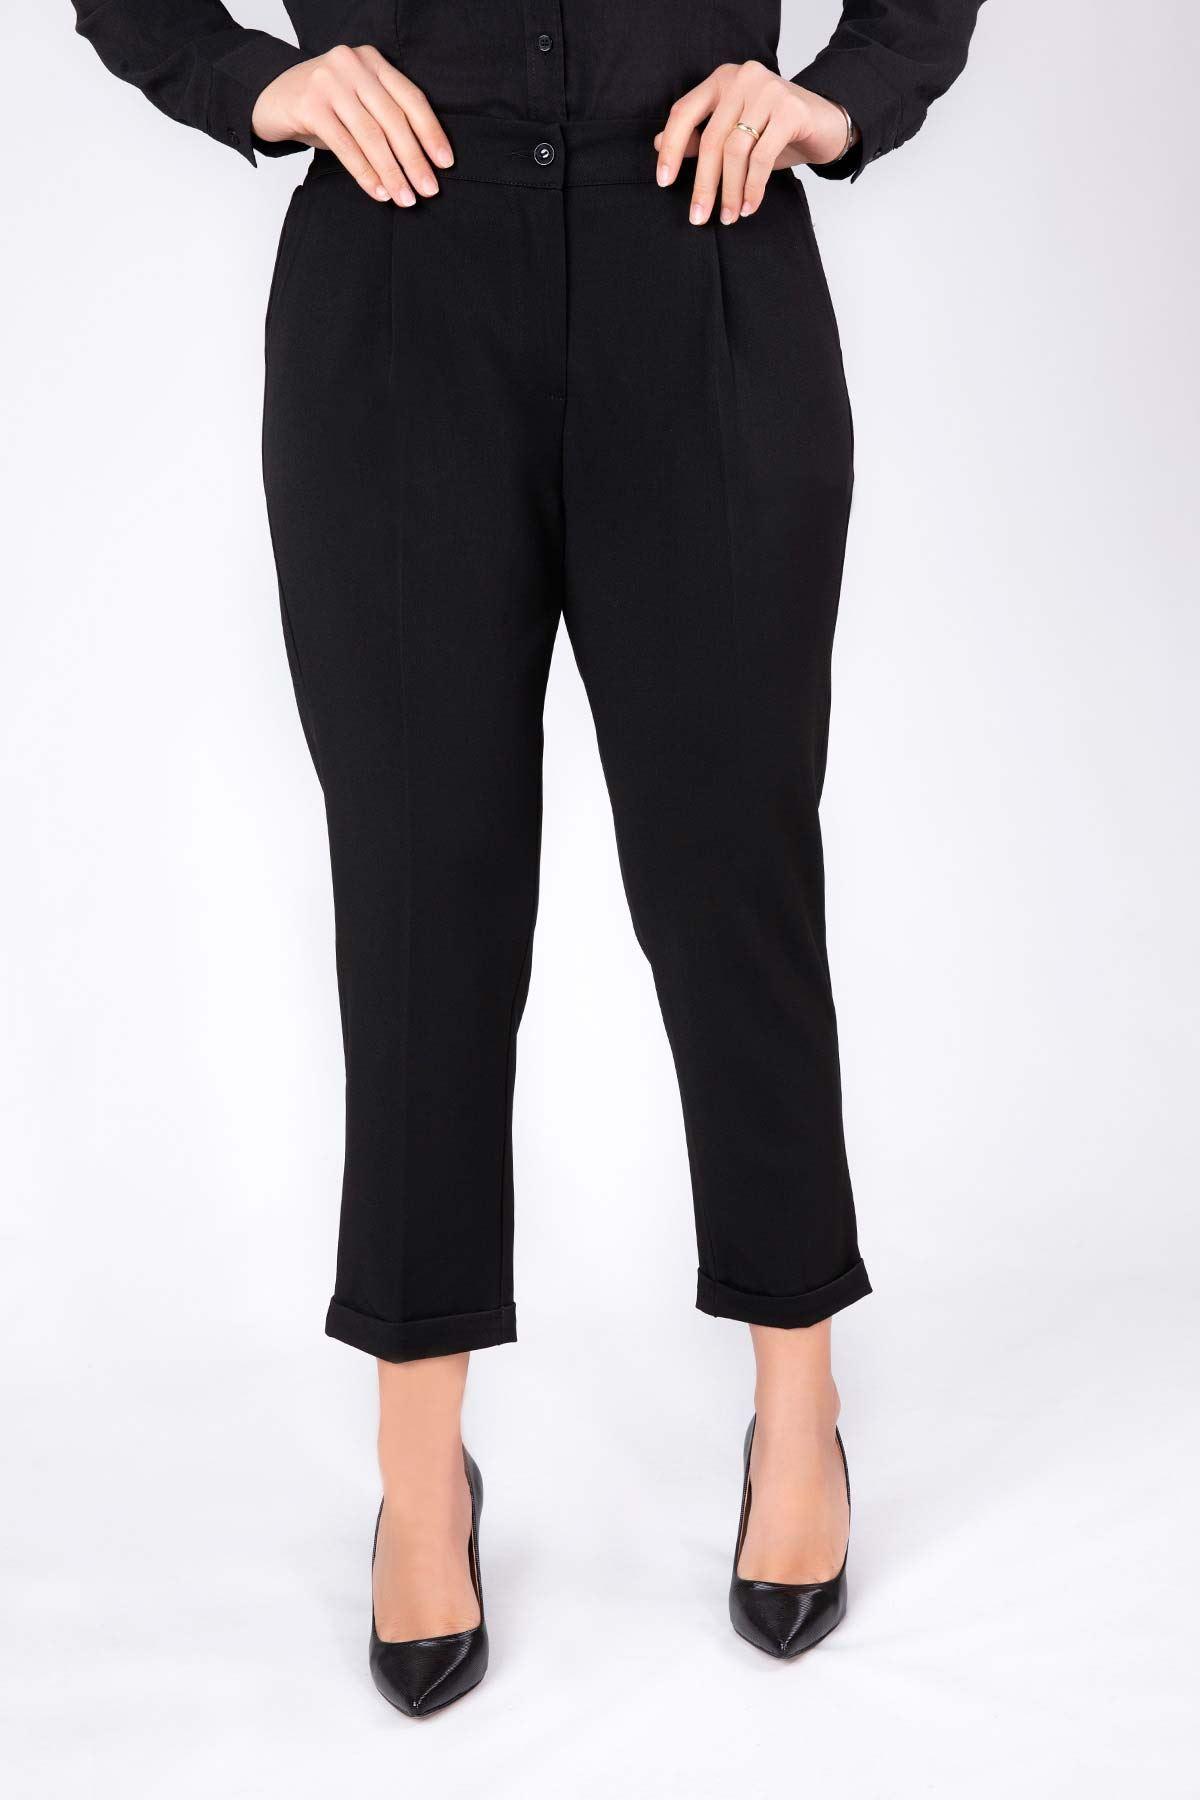 Büyük Beden Pantolon Siyah 2200-03